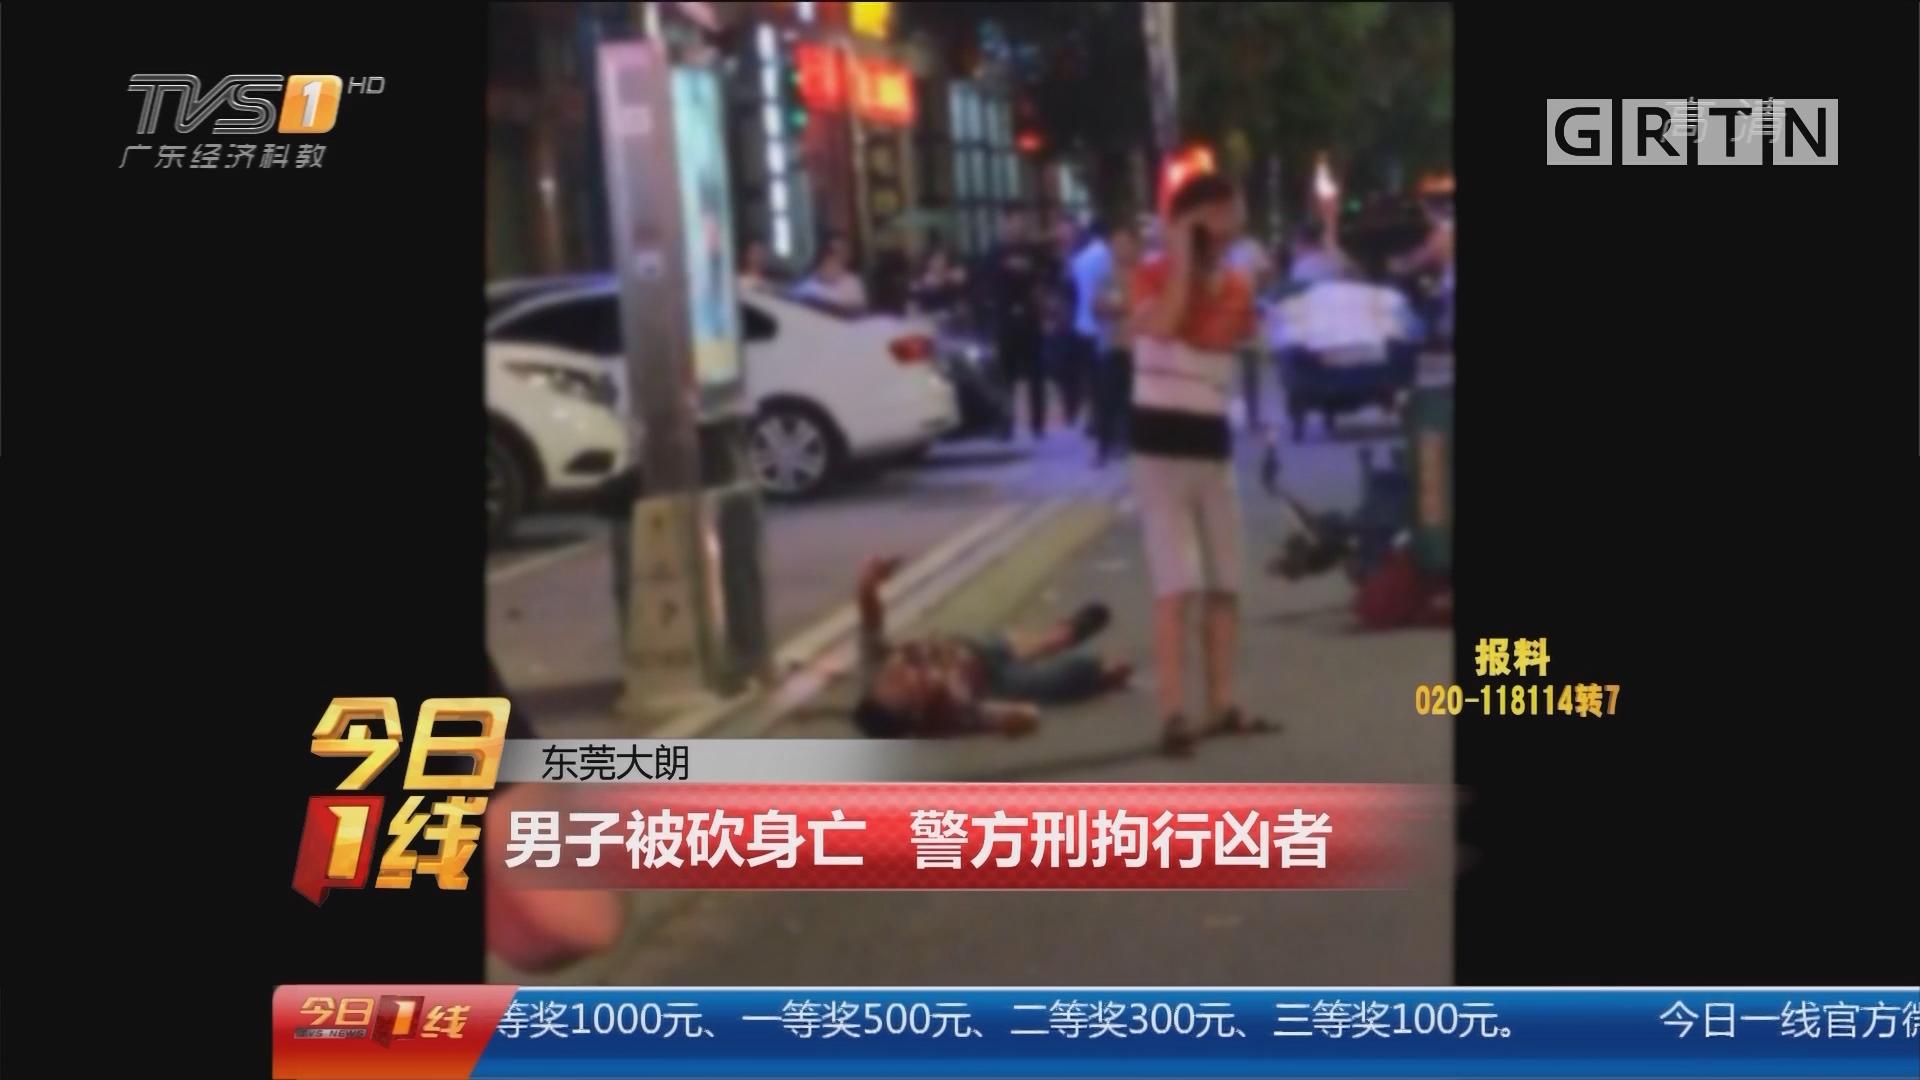 东莞大朗:男子被砍身亡 警方刑拘行凶者